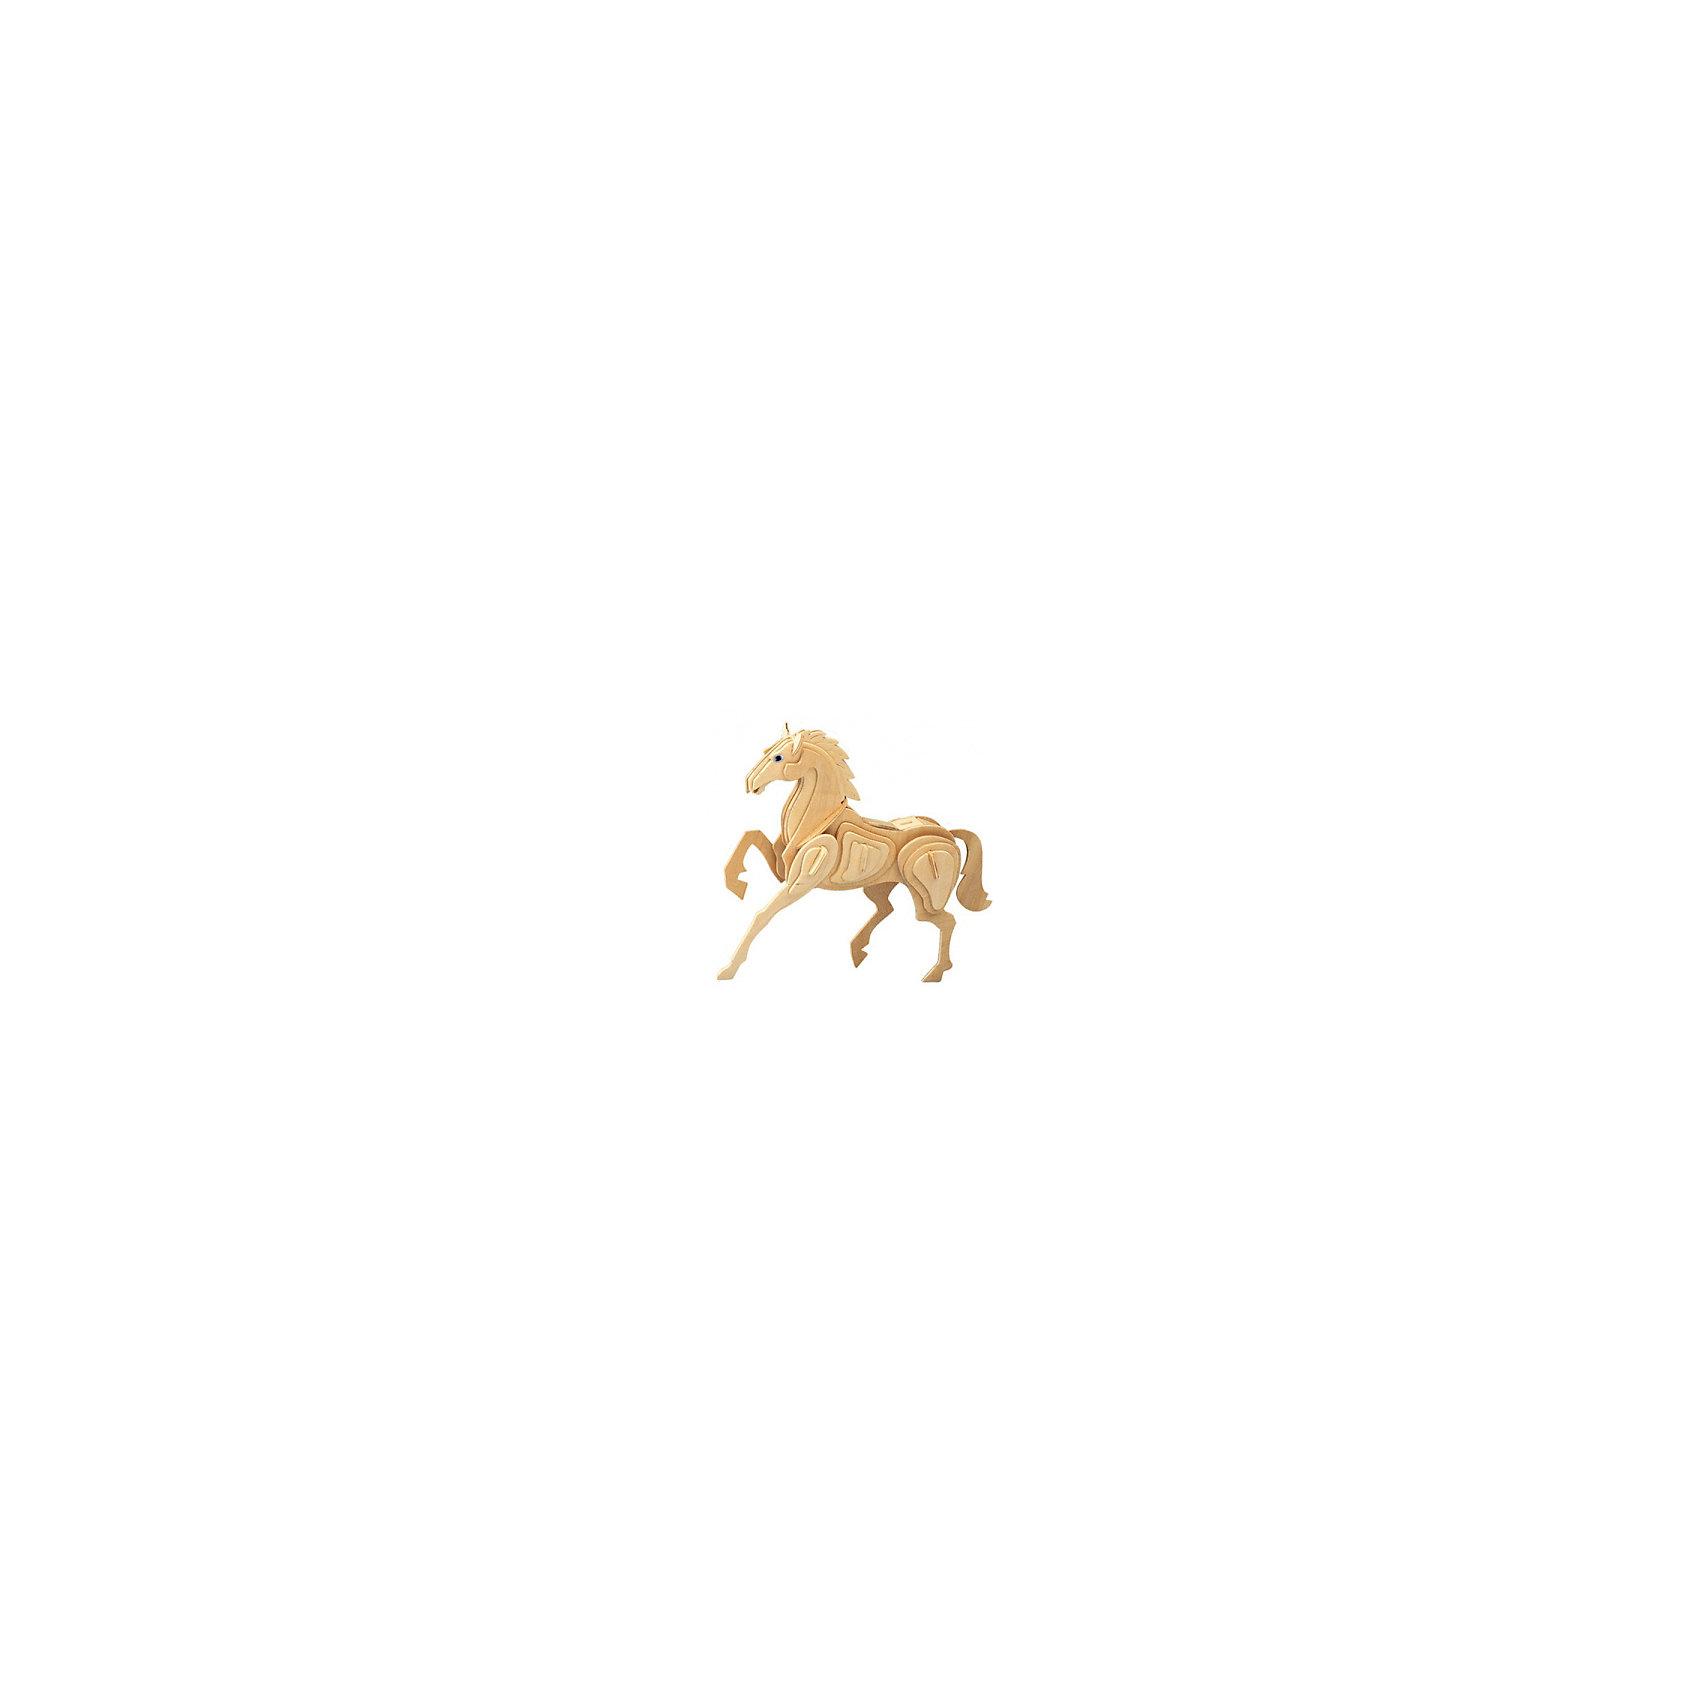 Лошадь (серия М), Мир деревянных игрушекДеревянные модели<br>Отличный вариант подарка для творческого ребенка - этот набор, из которого можно самому сделать красивую деревянную фигуру! Для этого нужно выдавить из пластины с деталями элементы для сборки и соединить их. Из наборов получаются красивые очень реалистичные игрушки, которые могут стать украшением комнаты.<br>Собирая их, ребенок будет учиться соотносить фигуры, развивать пространственное мышление, память и мелкую моторику. А раскрашивая готовое произведение, дети научатся подбирать цвета и будут развивать художественные навыки. Этот набор произведен из качественных и безопасных для детей материалов - дерево тщательно обработано.<br><br>Дополнительная информация:<br><br>материал: дерево;<br>цвет: бежевый;<br>элементы: пластины с деталями для сборки;<br>размер упаковки: 23 х 18 см.<br><br>3D-пазл Лошадь (серия М) от бренда Мир деревянных игрушек можно купить в нашем магазине.<br><br>Ширина мм: 225<br>Глубина мм: 30<br>Высота мм: 180<br>Вес г: 350<br>Возраст от месяцев: 36<br>Возраст до месяцев: 144<br>Пол: Унисекс<br>Возраст: Детский<br>SKU: 4969075